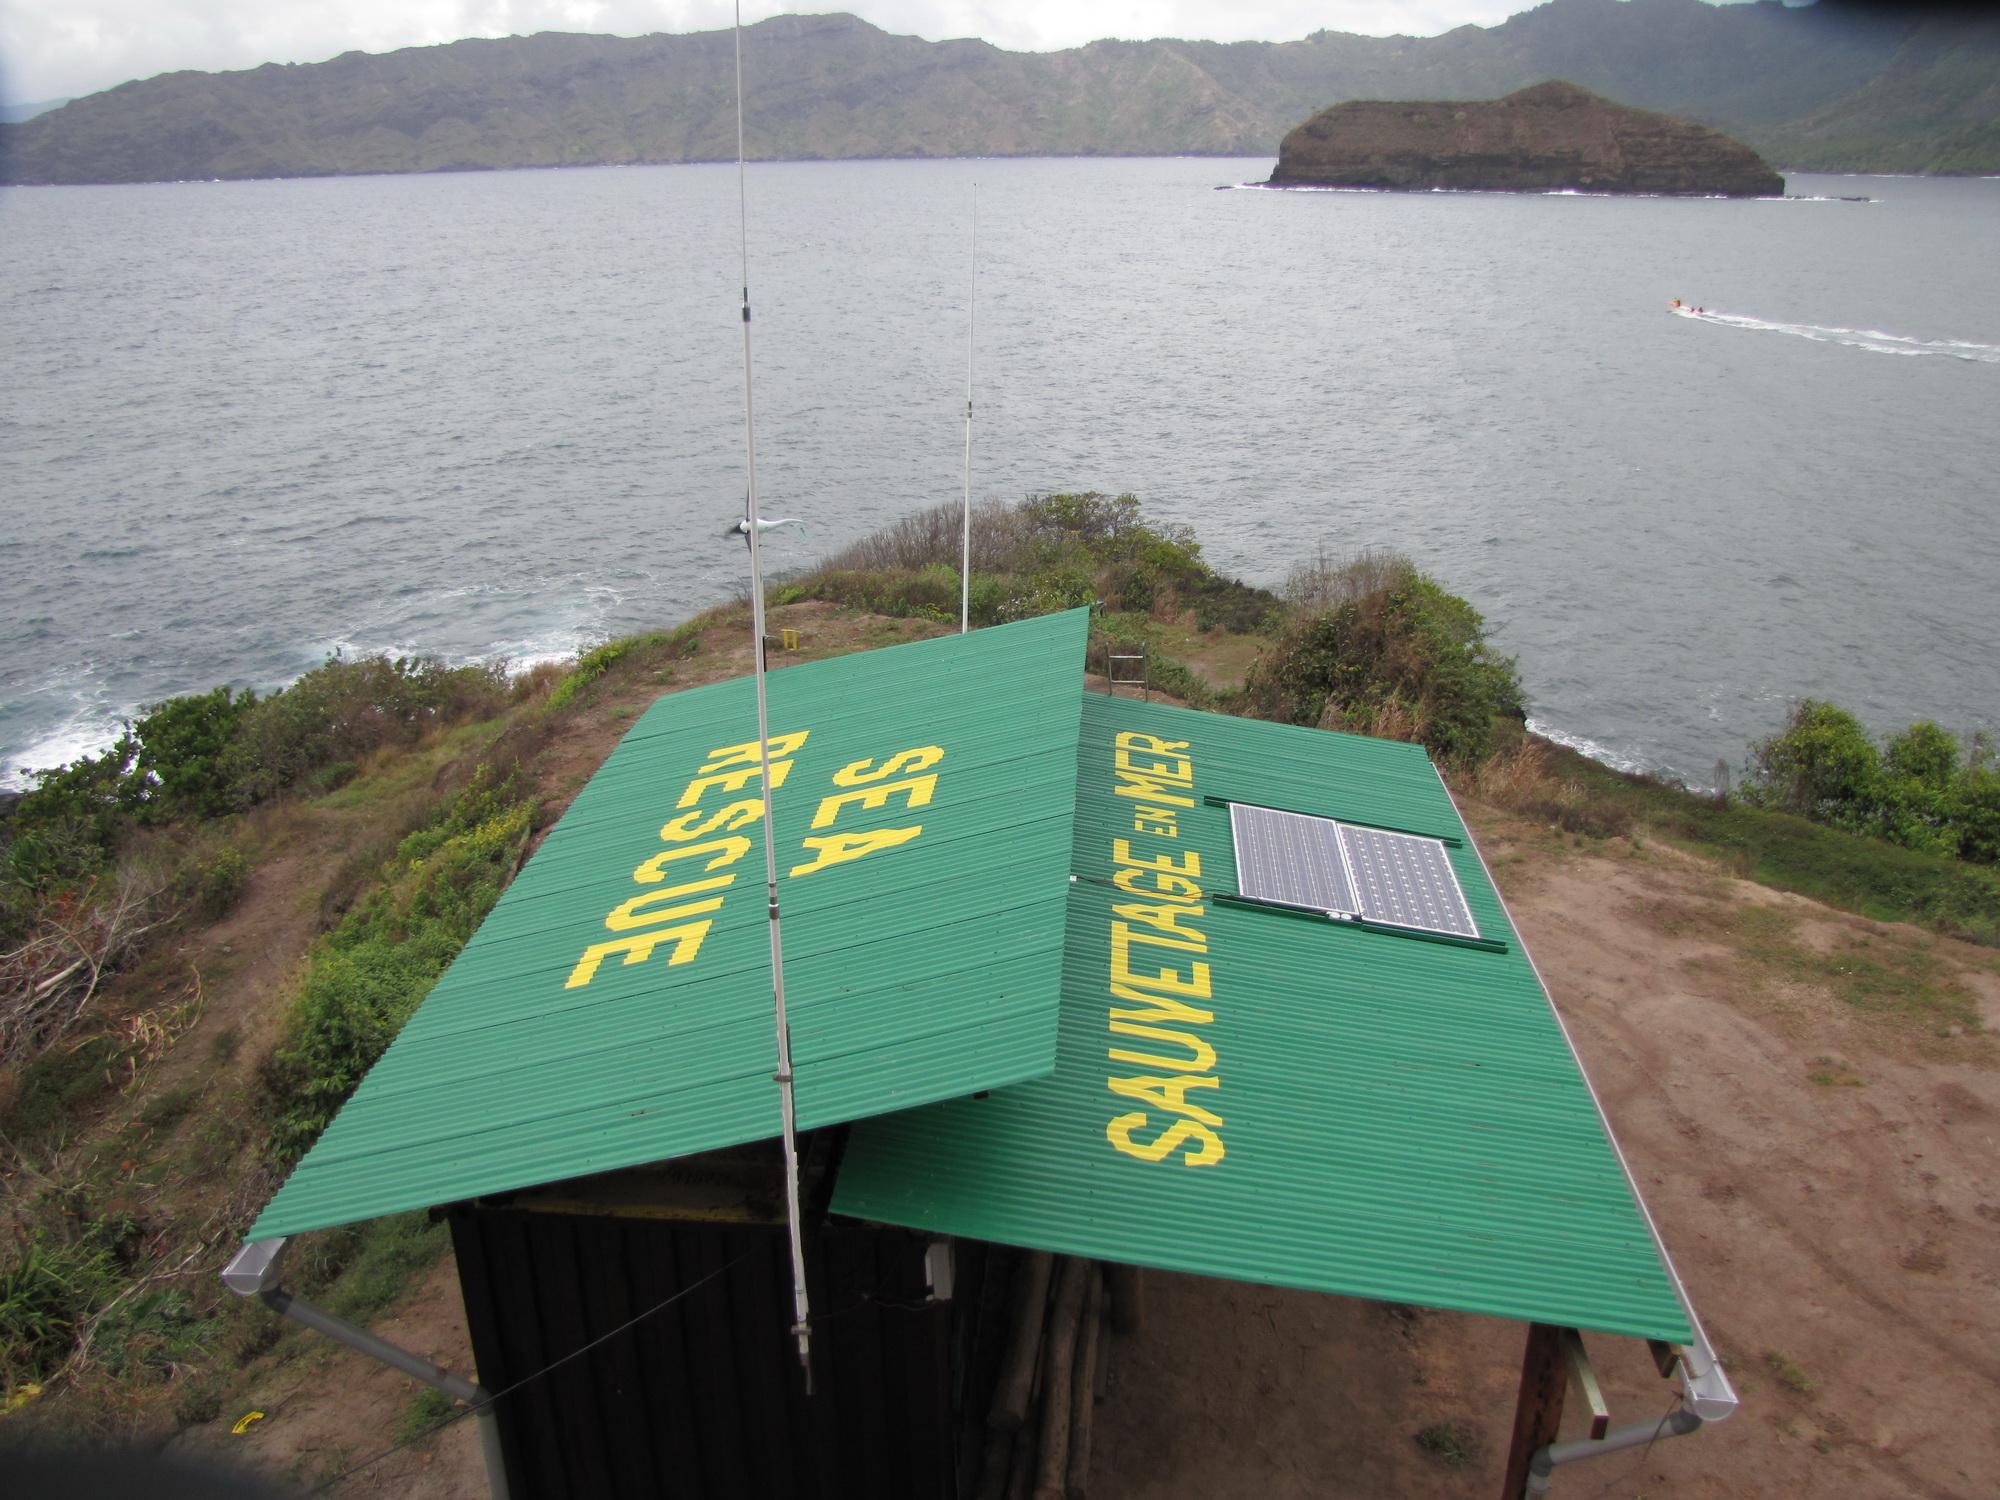 Le sémaphore et les bénévoles de la FEPSM de Hiva Oa à l'initiative d'une assistance maritime